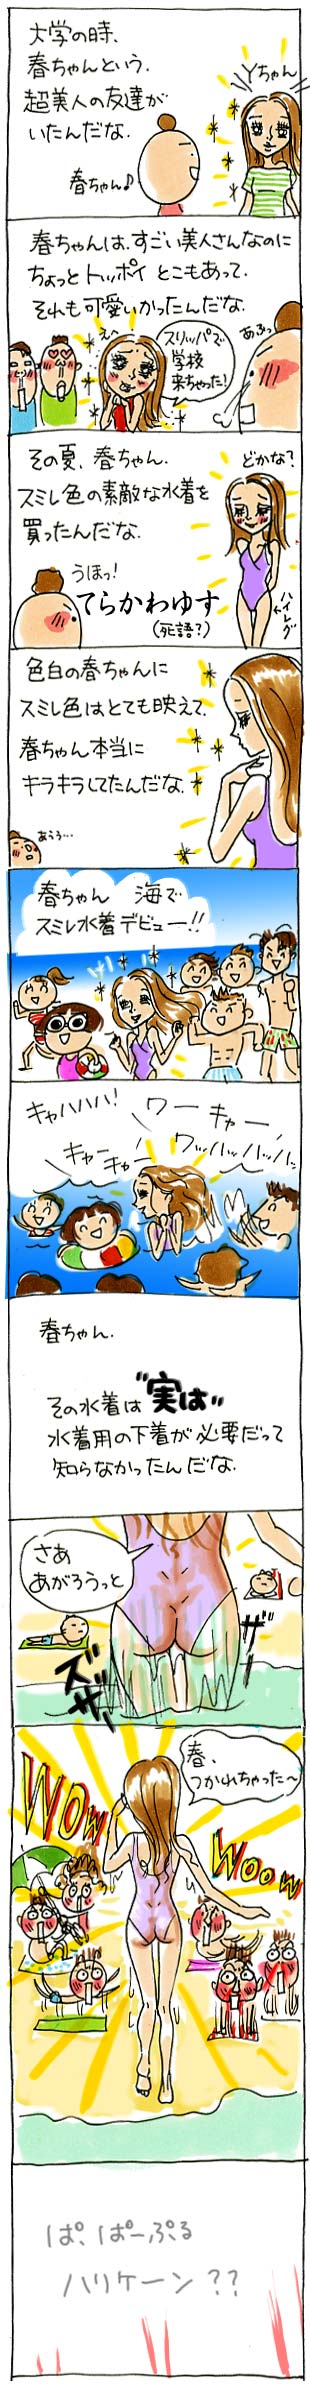 ハルノ水着